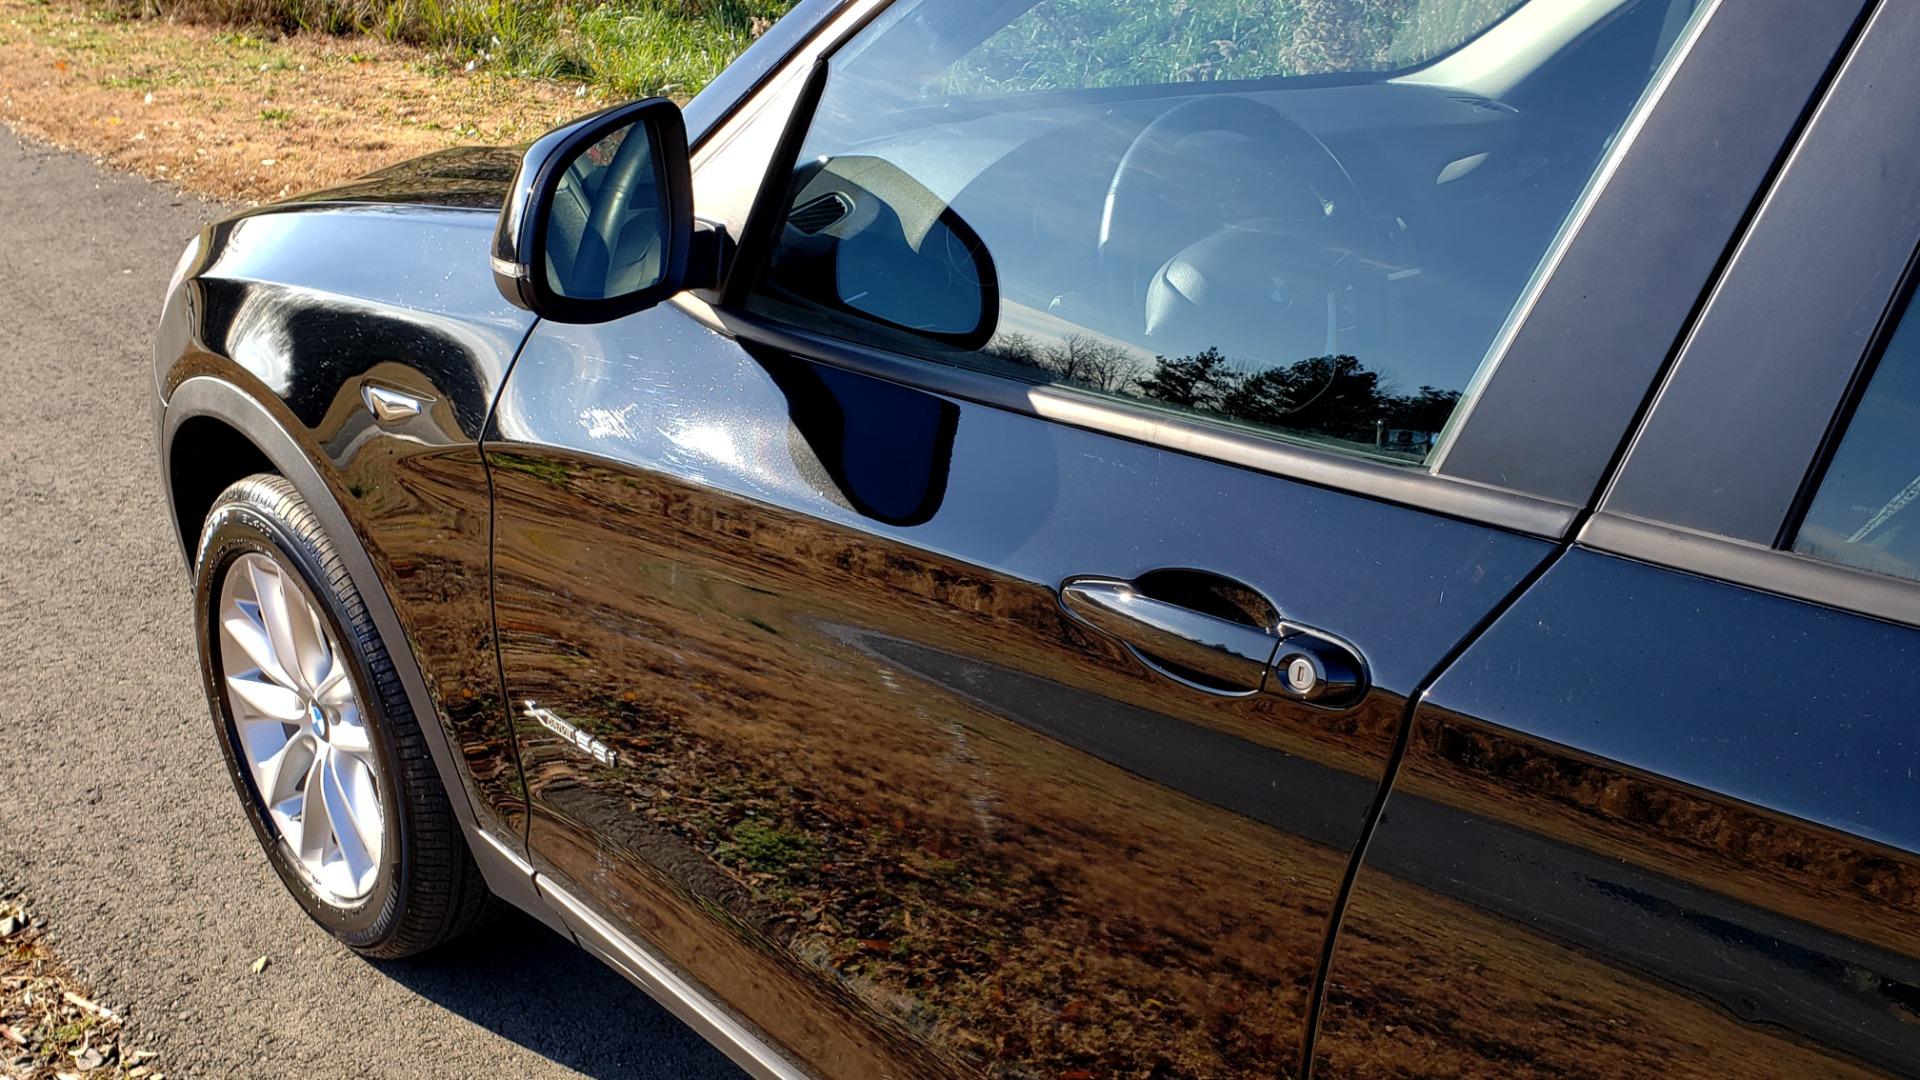 Used 2017 BMW X3 XDRIVE28I / PREM PKG / NAV / DRVR ASST / HTD STS / CAMERAS for sale Sold at Formula Imports in Charlotte NC 28227 9